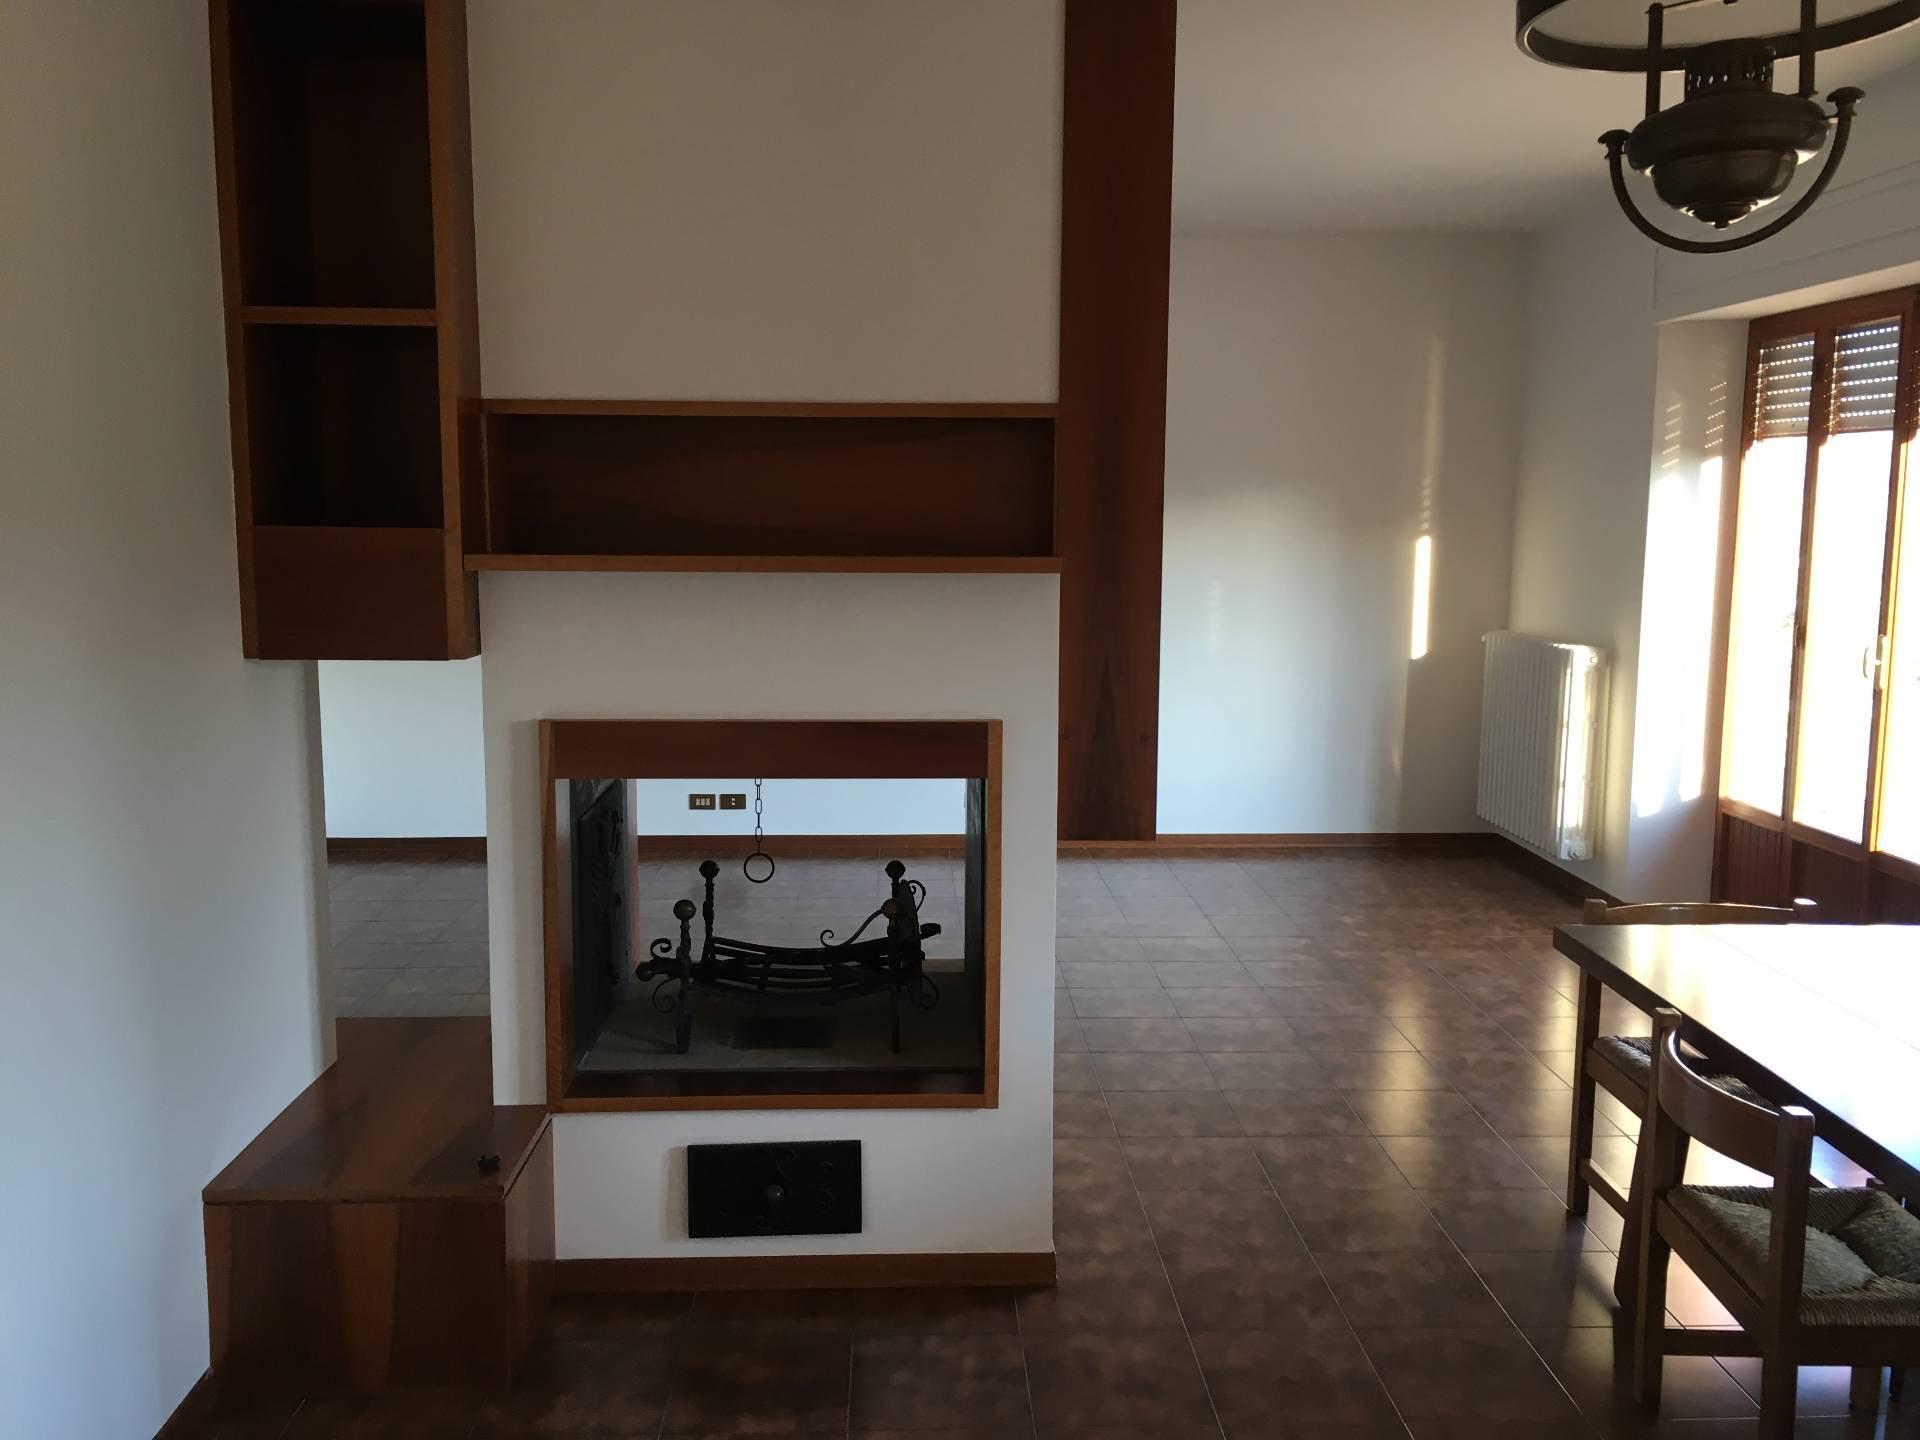 Appartamento in affitto a Falerone, 5 locali, zona Località: PianediFalerone, prezzo € 450 | CambioCasa.it